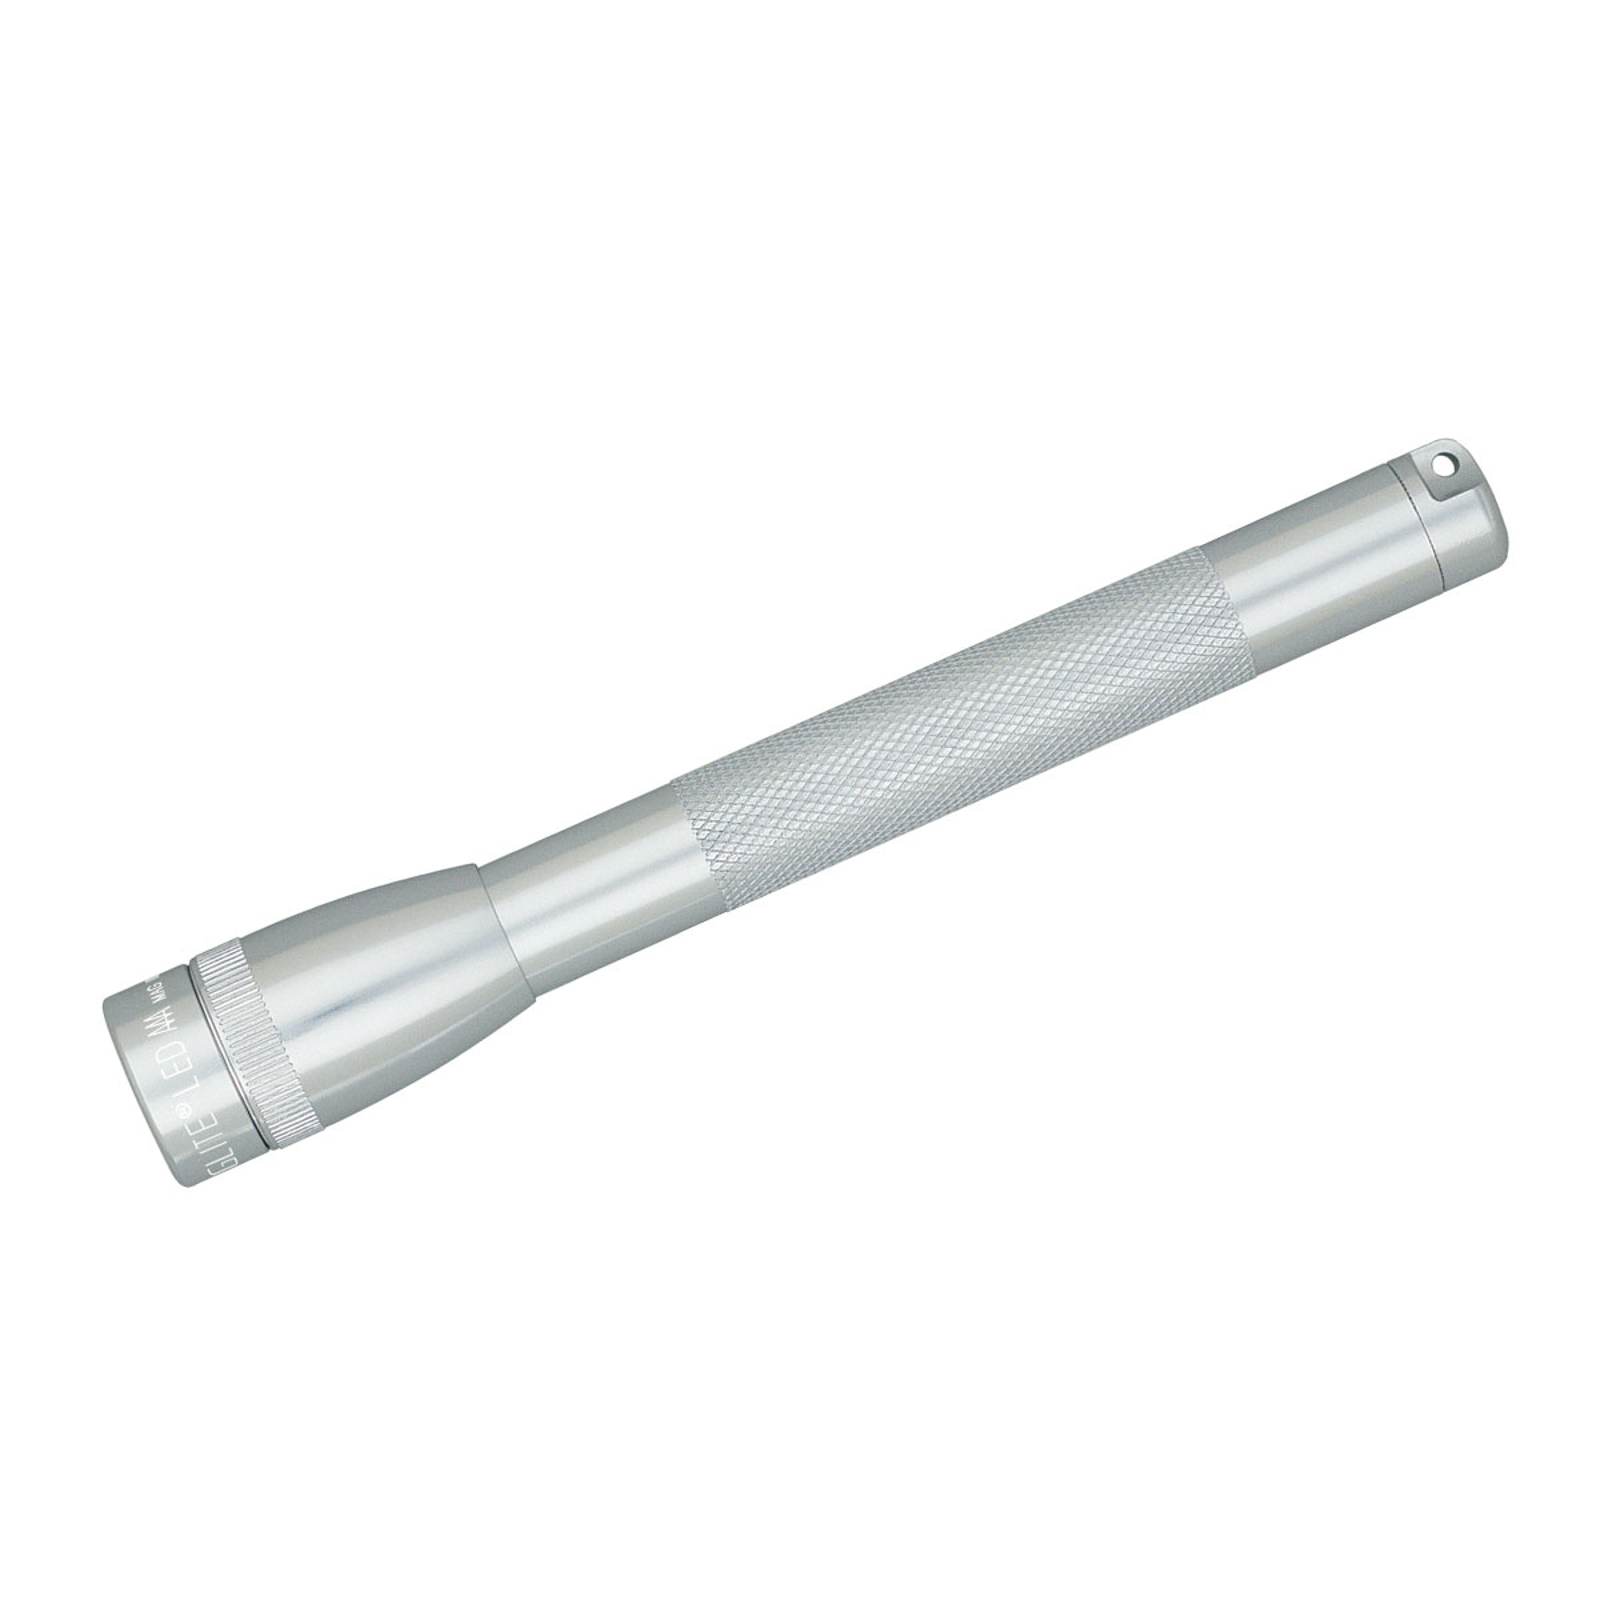 Silberne Mini-Maglite AAA LED-Taschenlampe